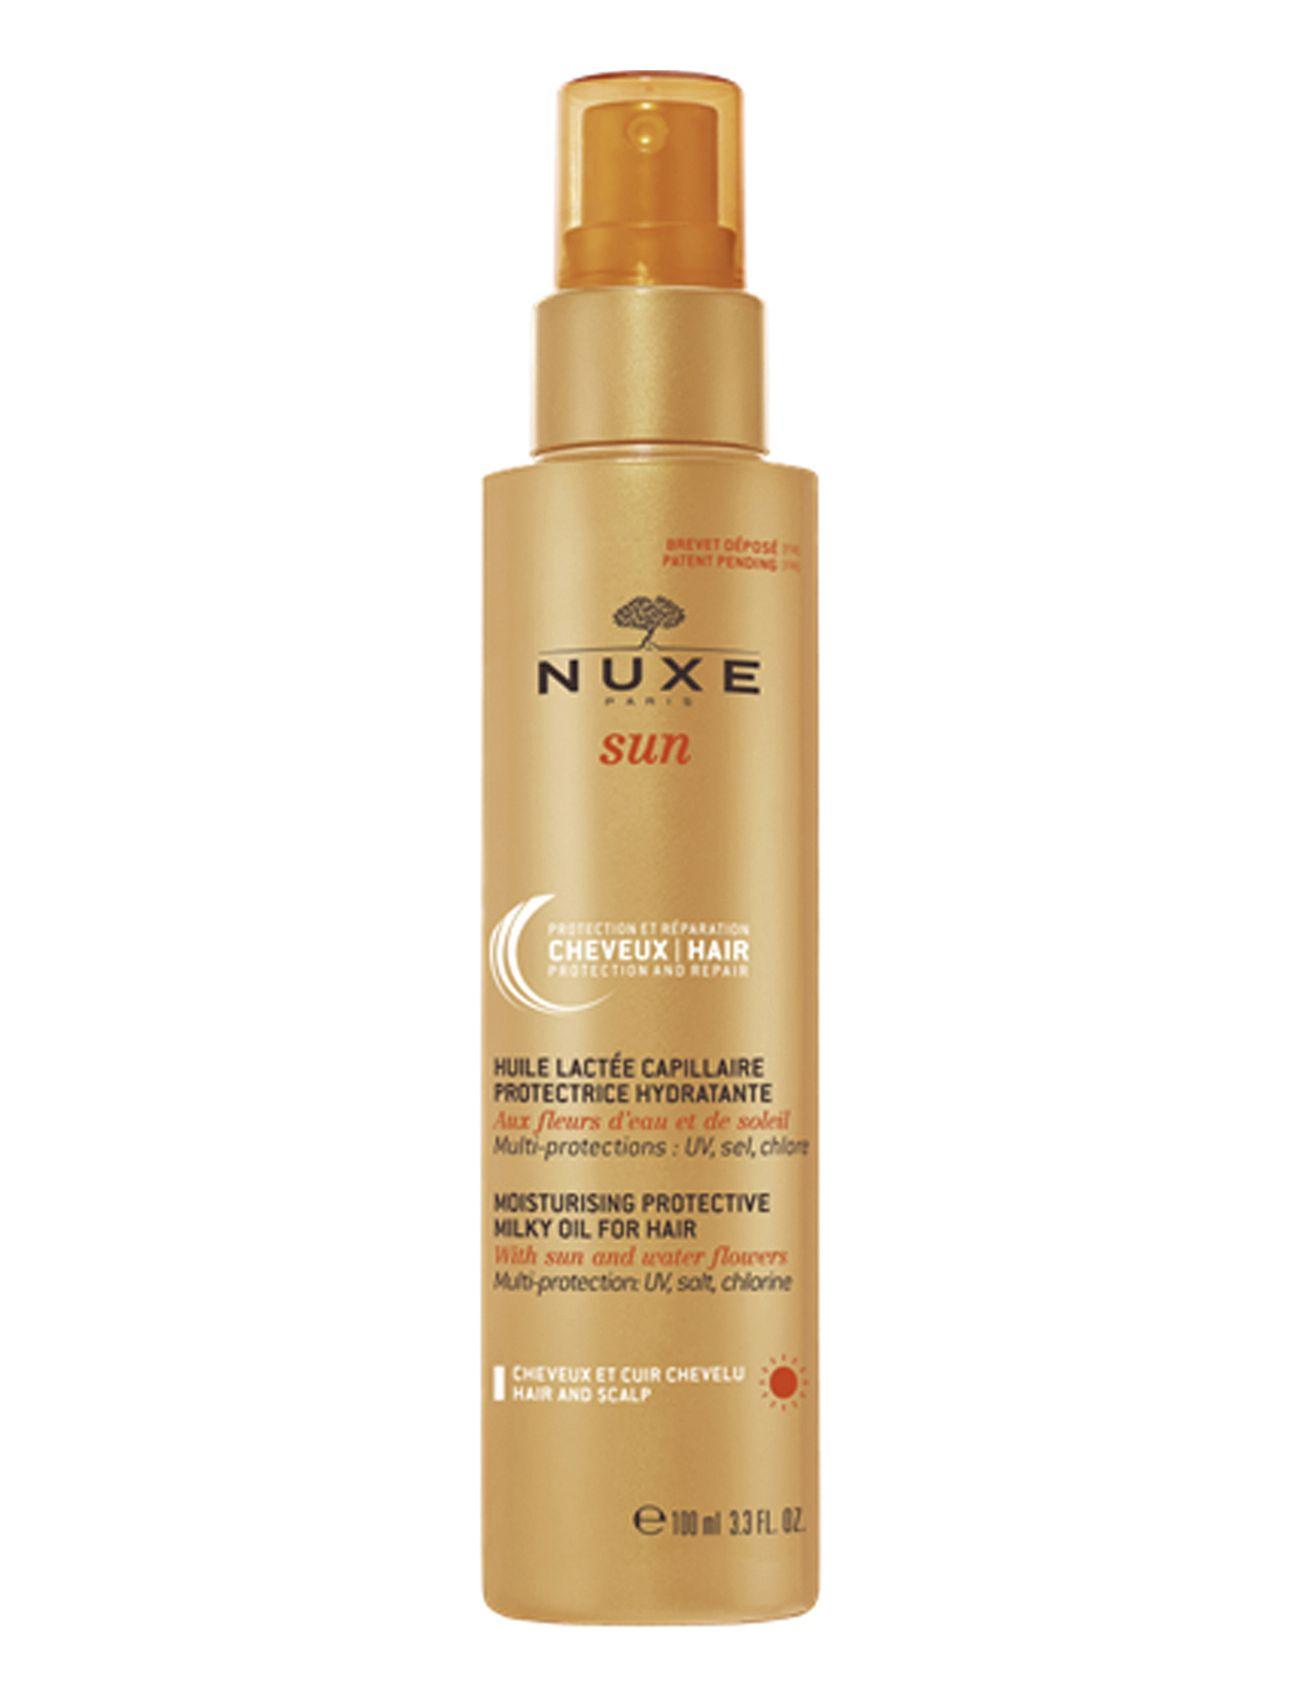 nuxe Nuxe sun milky oil for hair på boozt.com dk